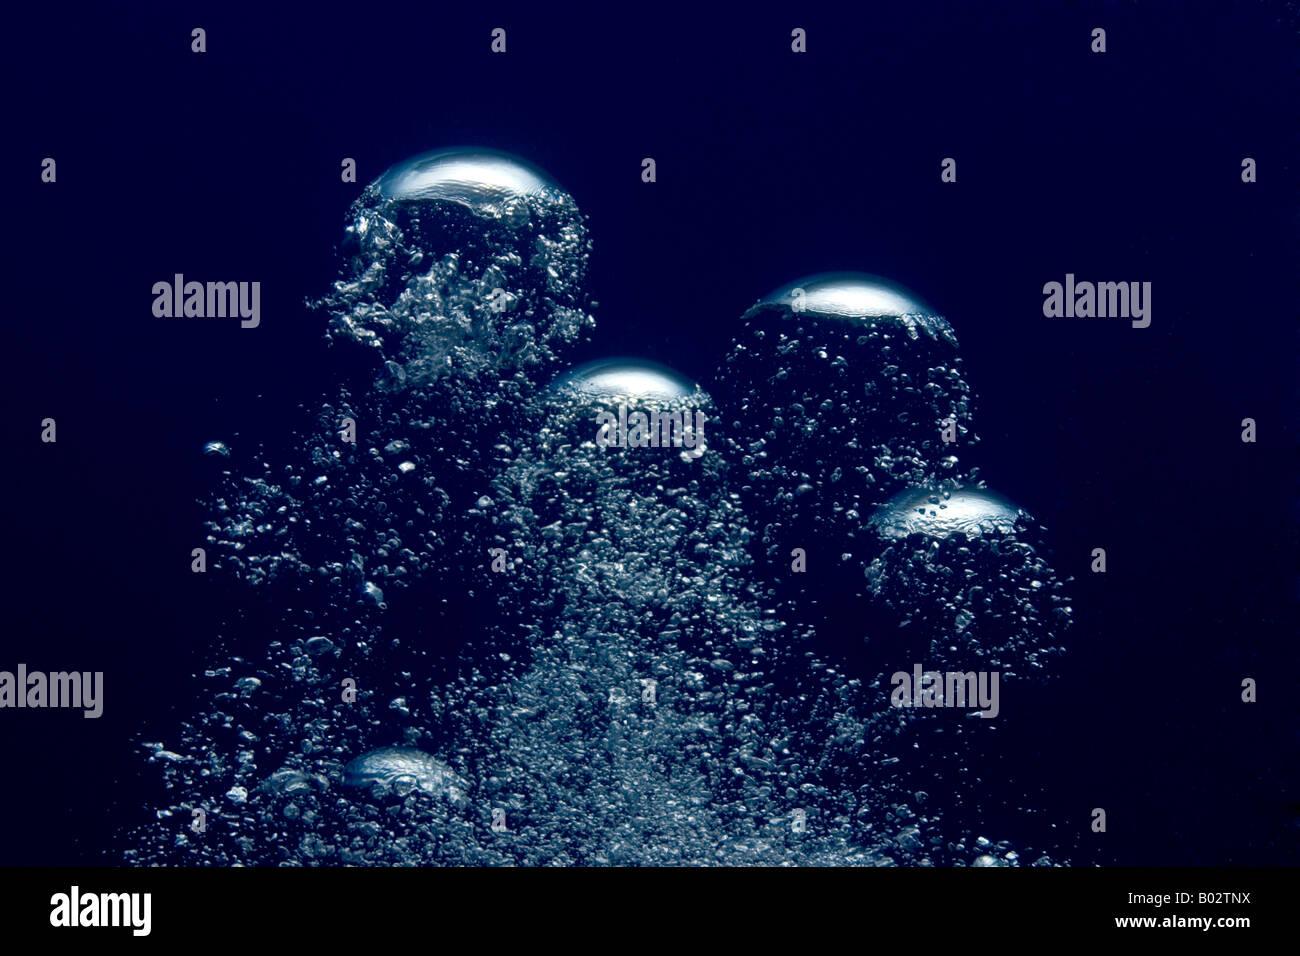 Bolle, subacquea, mare oceano, scuba diving, acqua blu Immagini Stock